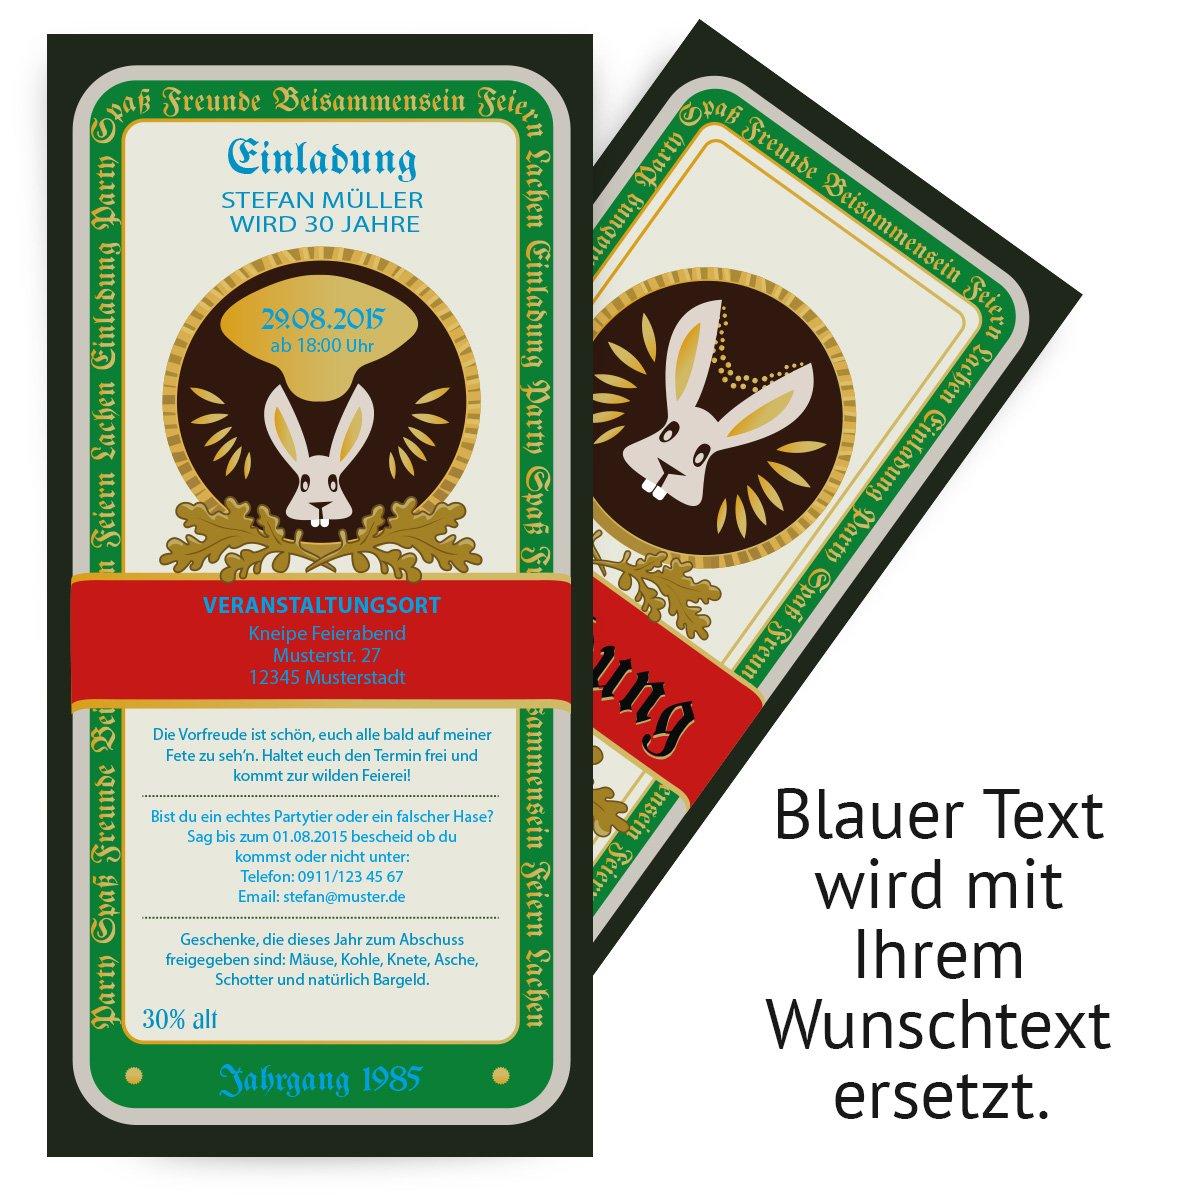 Einladungen Zum Geburtstag (50 Stück) Kräuterlikör Etikett Jäger Hase  Kräuter Meister Bitter: Amazon.de: Bürobedarf U0026 Schreibwaren